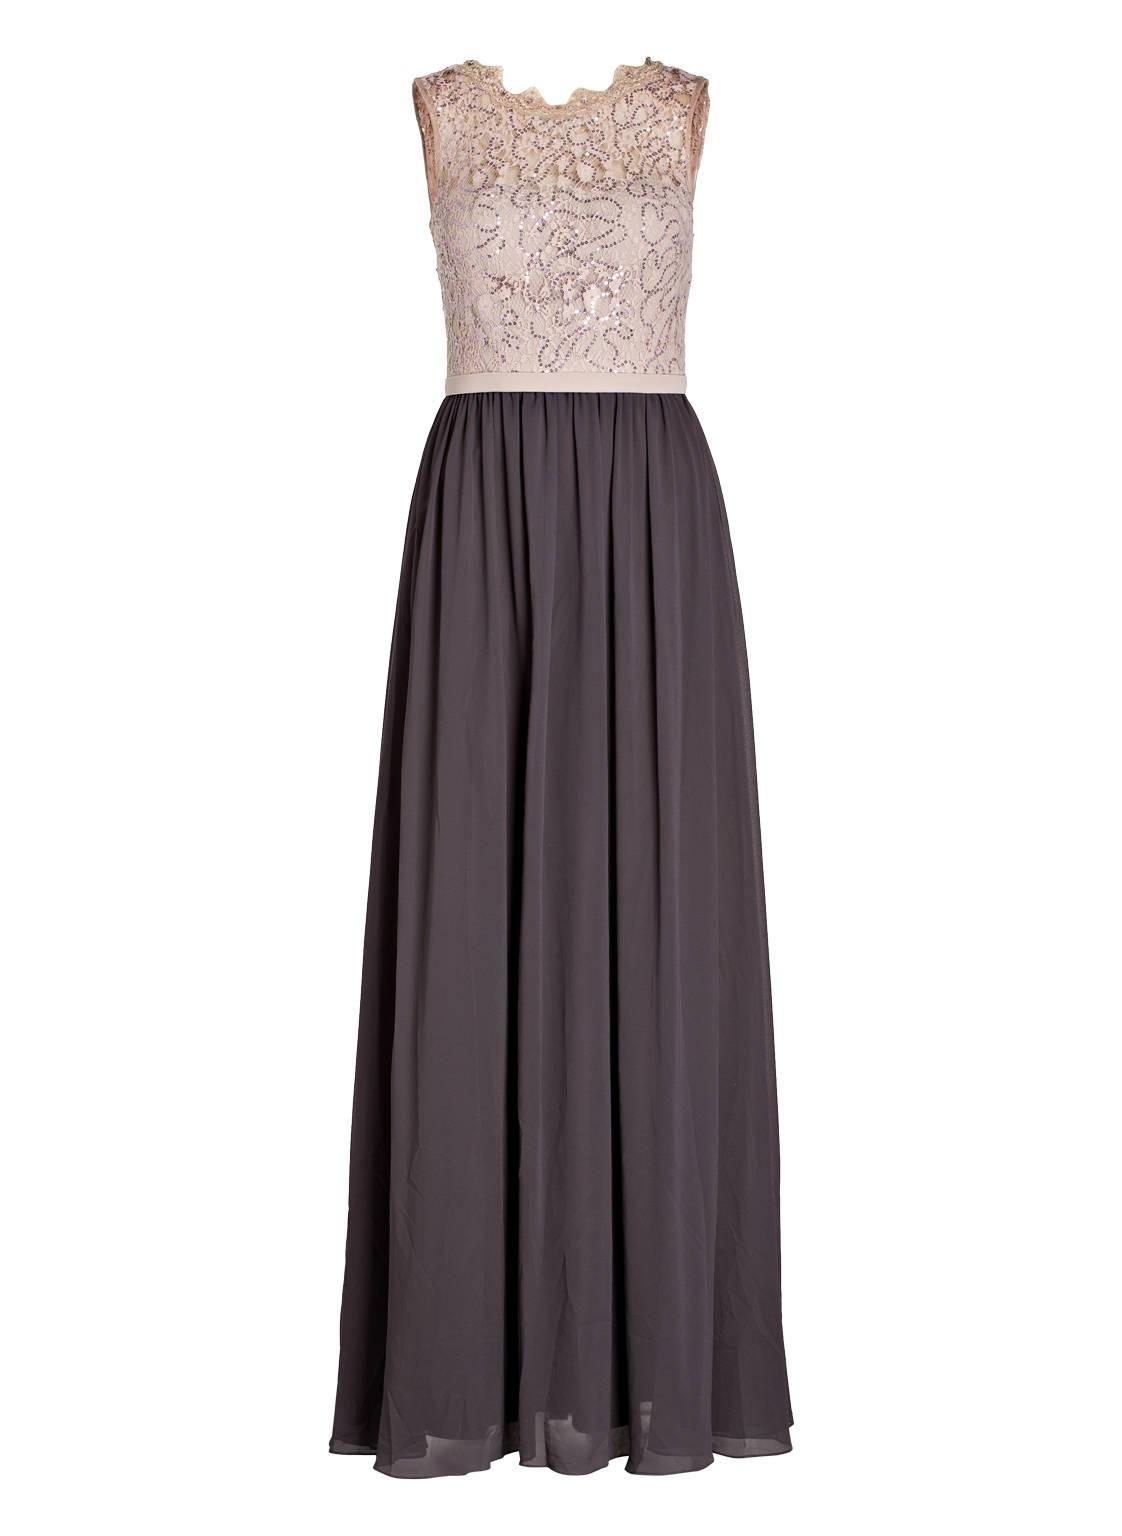 20 Perfekt Abendkleider Für Damen Stylish20 Erstaunlich Abendkleider Für Damen Design